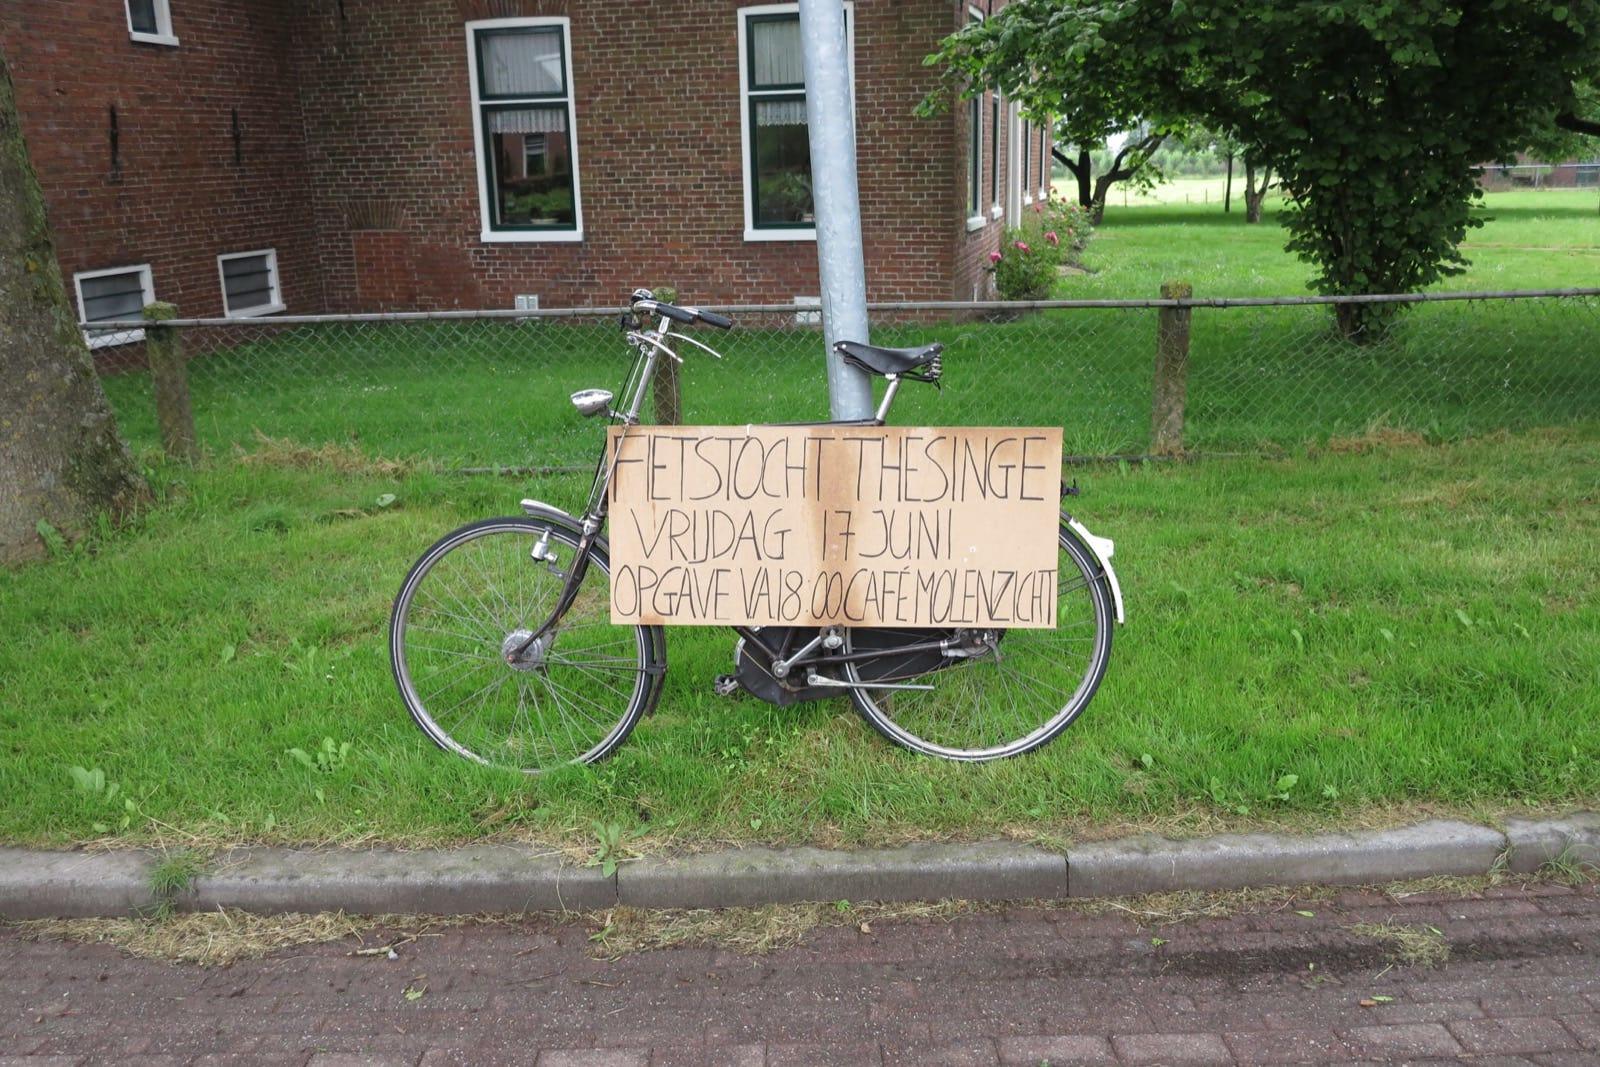 et-fiets-en-fietser-40-reclame-fietstocht-oi.jpg